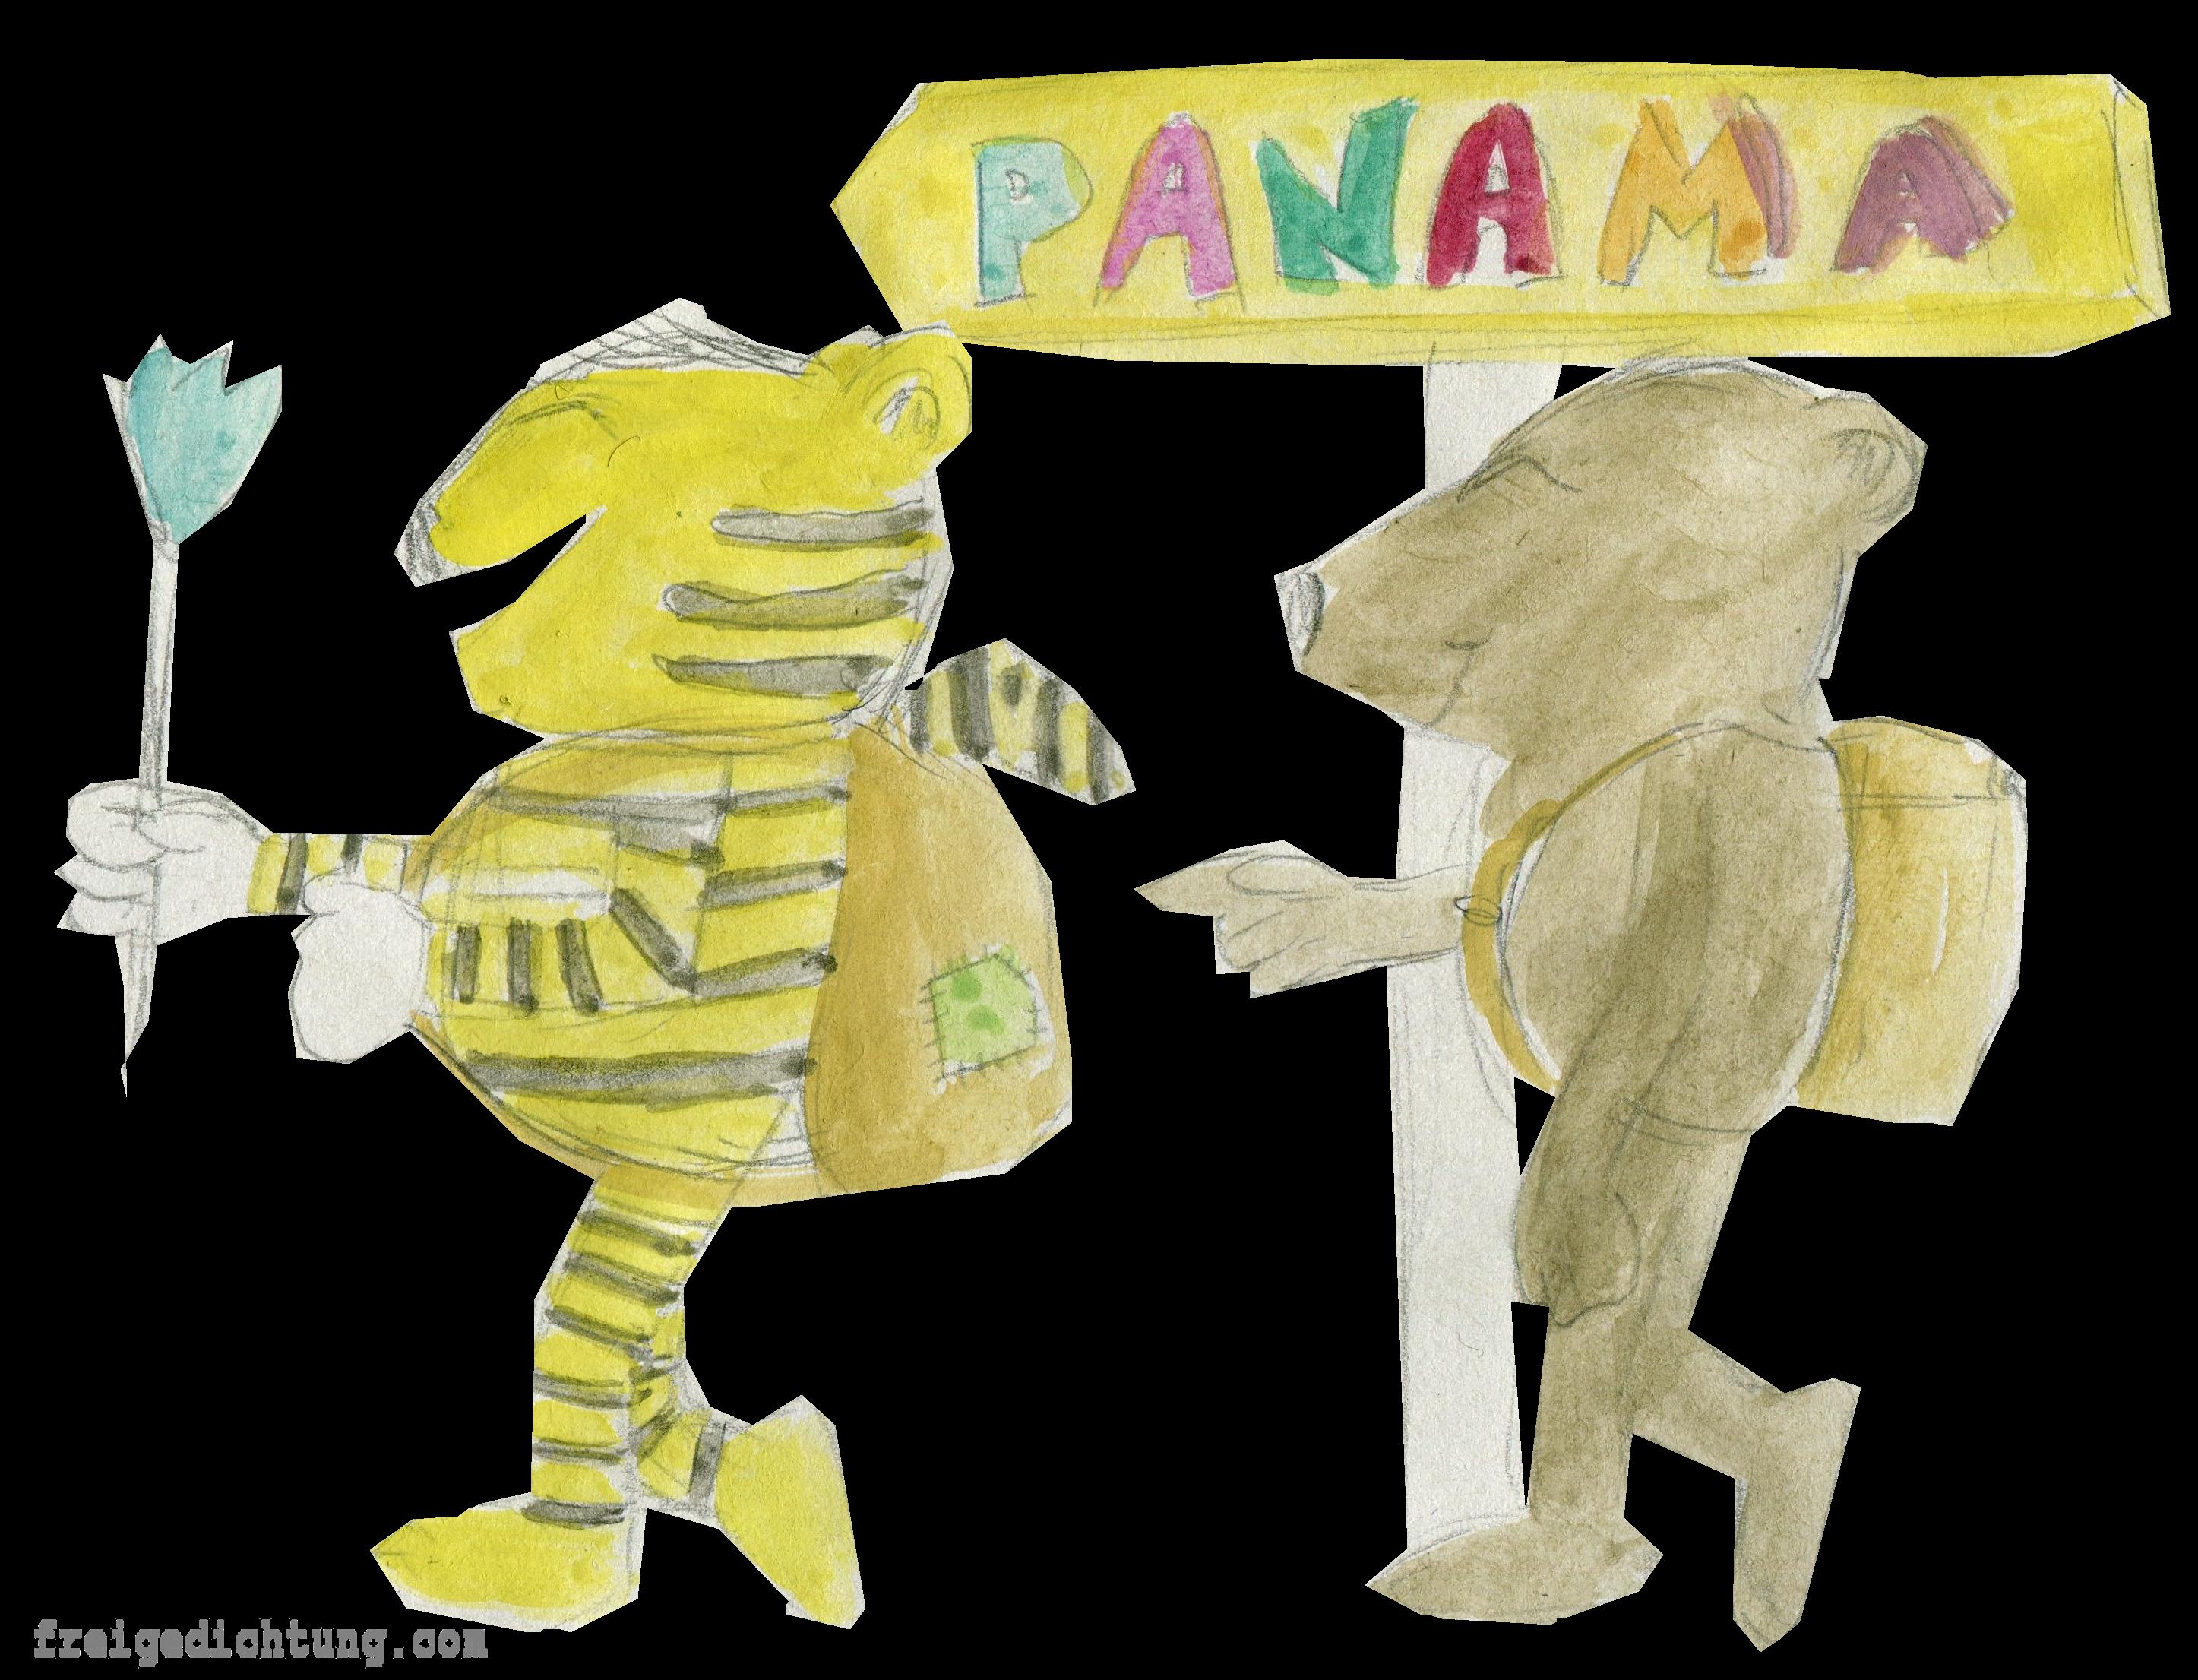 63-tiger-und-baer-und-panamaschild